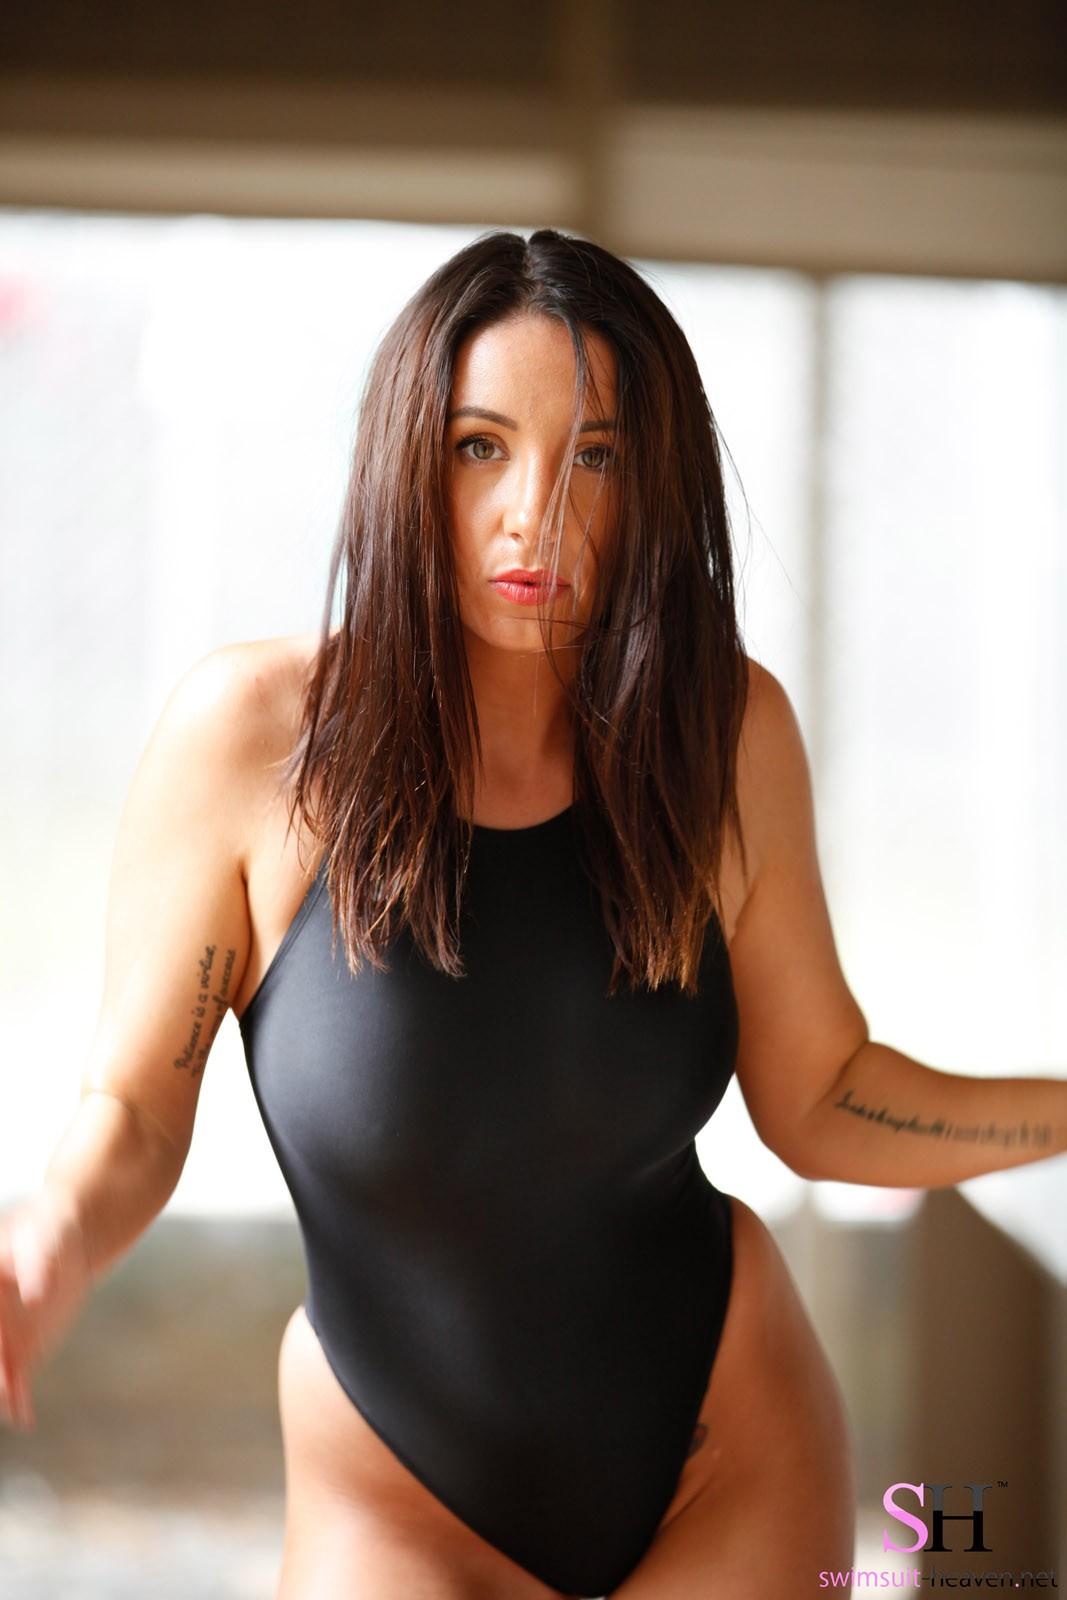 Сексуальная девушка в черном купальнике  - фото